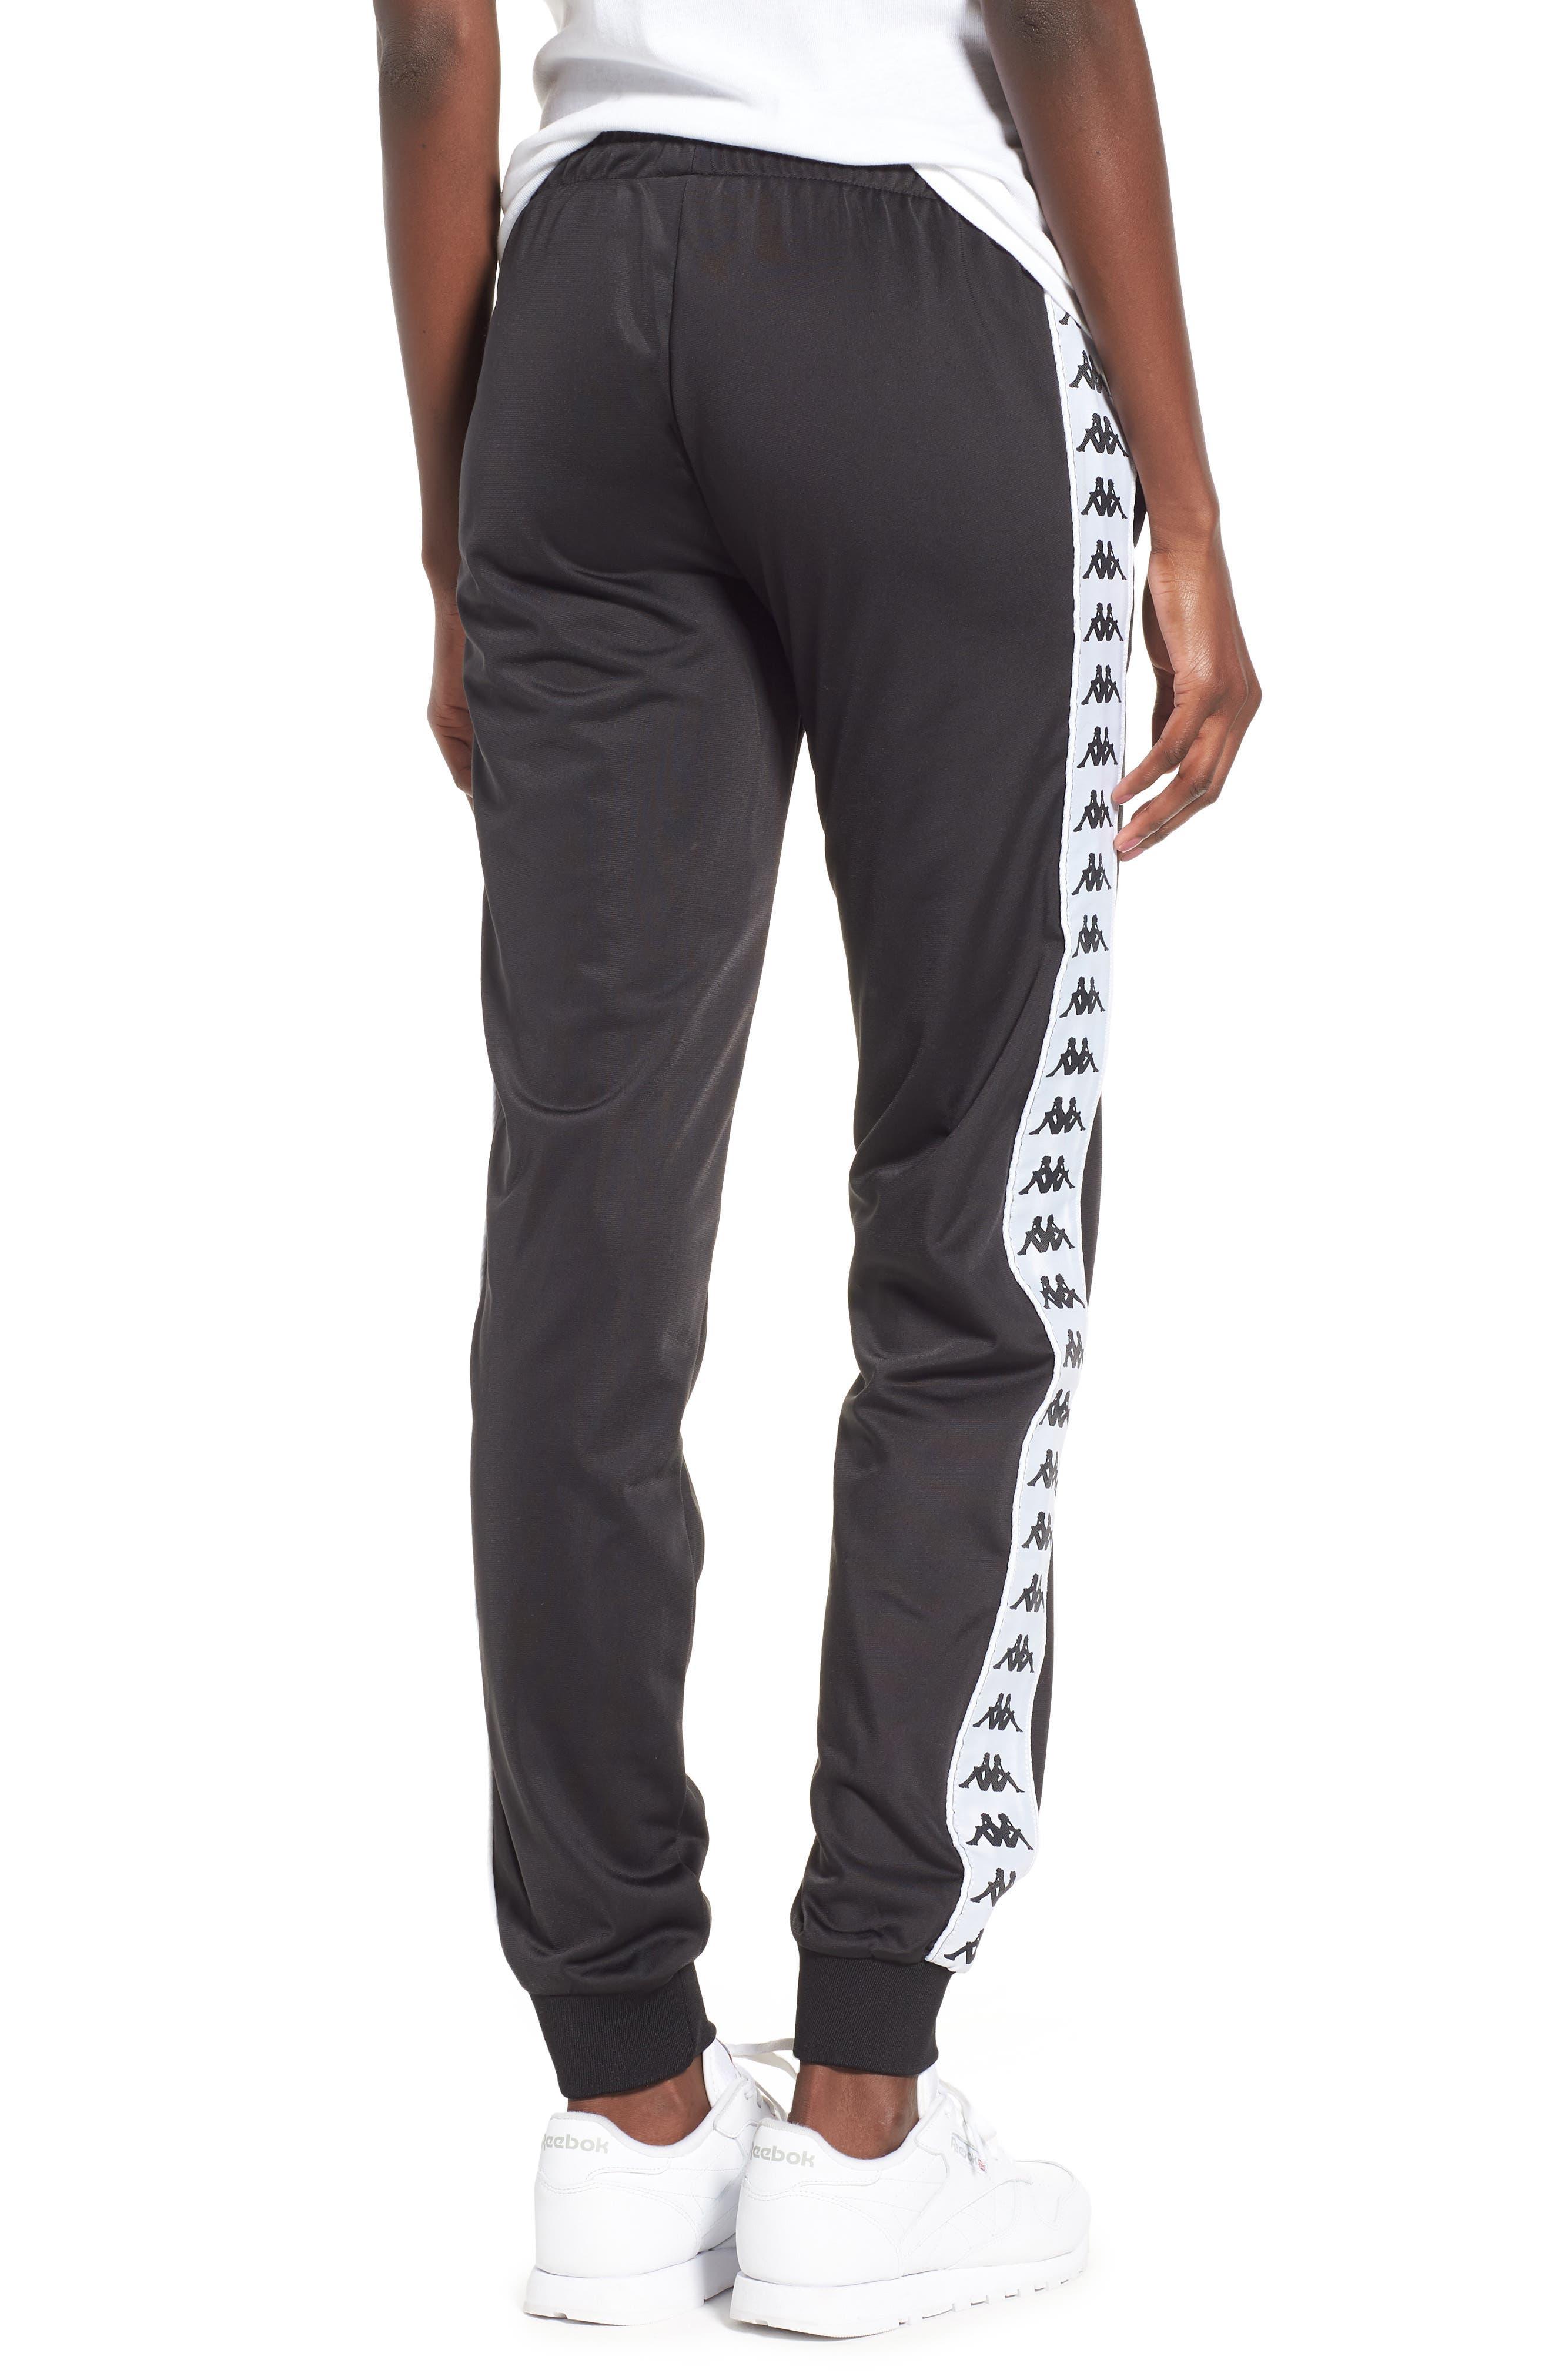 Banda Pants,                             Alternate thumbnail 2, color,                             Black/ White